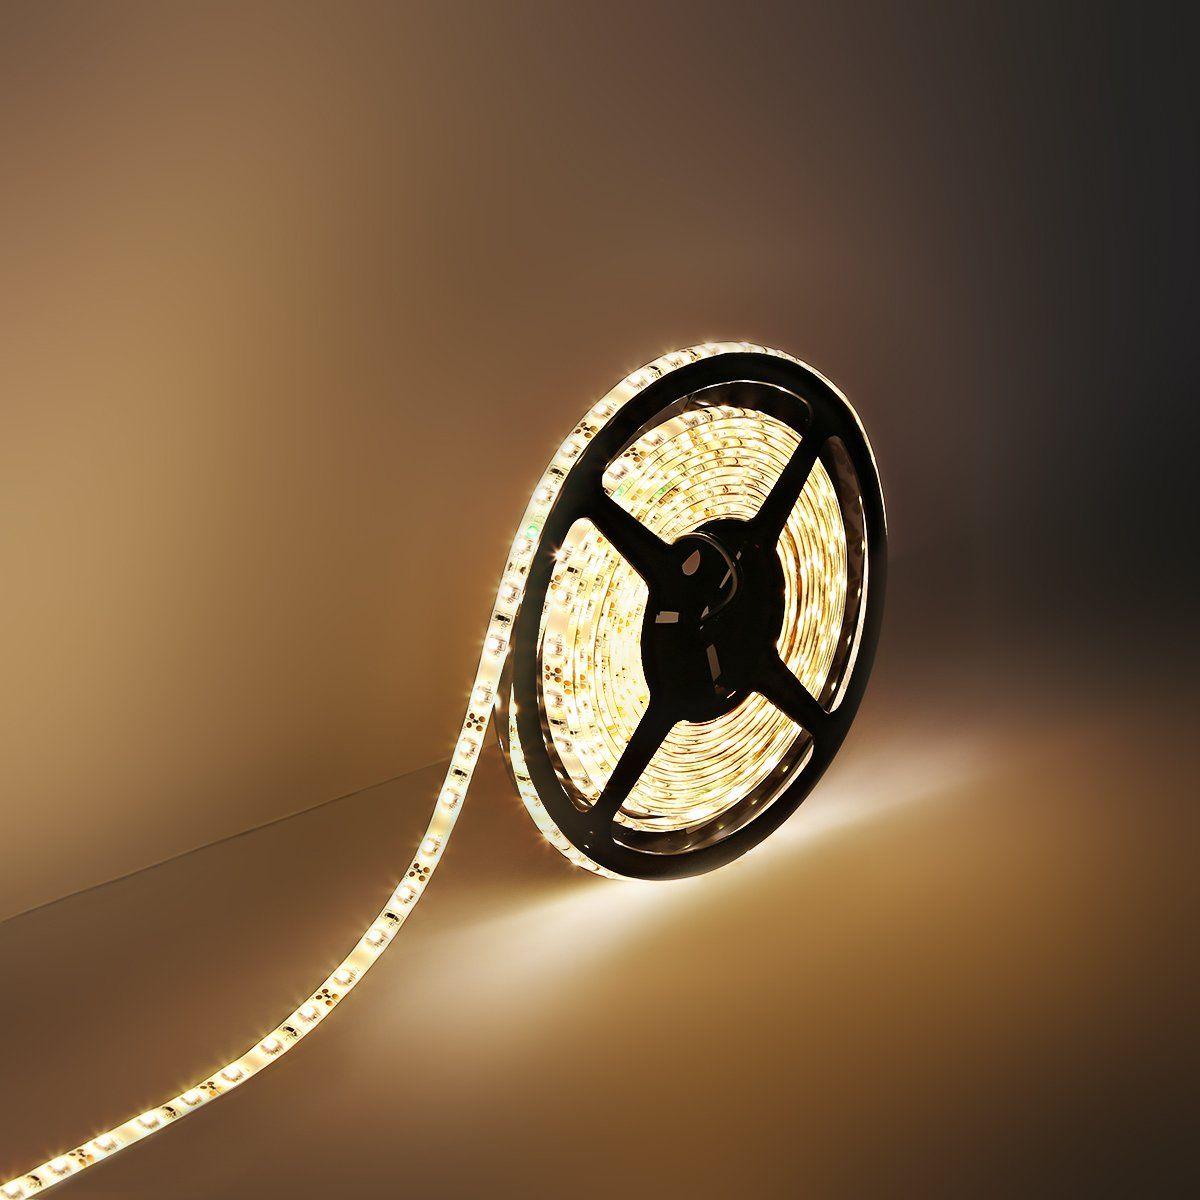 Le Lampux Flexibler Led Streifen 12v Dc 260lm Warmweiss Wasserdicht 300 Stuck 3528 Leds Lichtschlauch 5m In Jeder Led Lichtband Lichtleiste Led Streifen